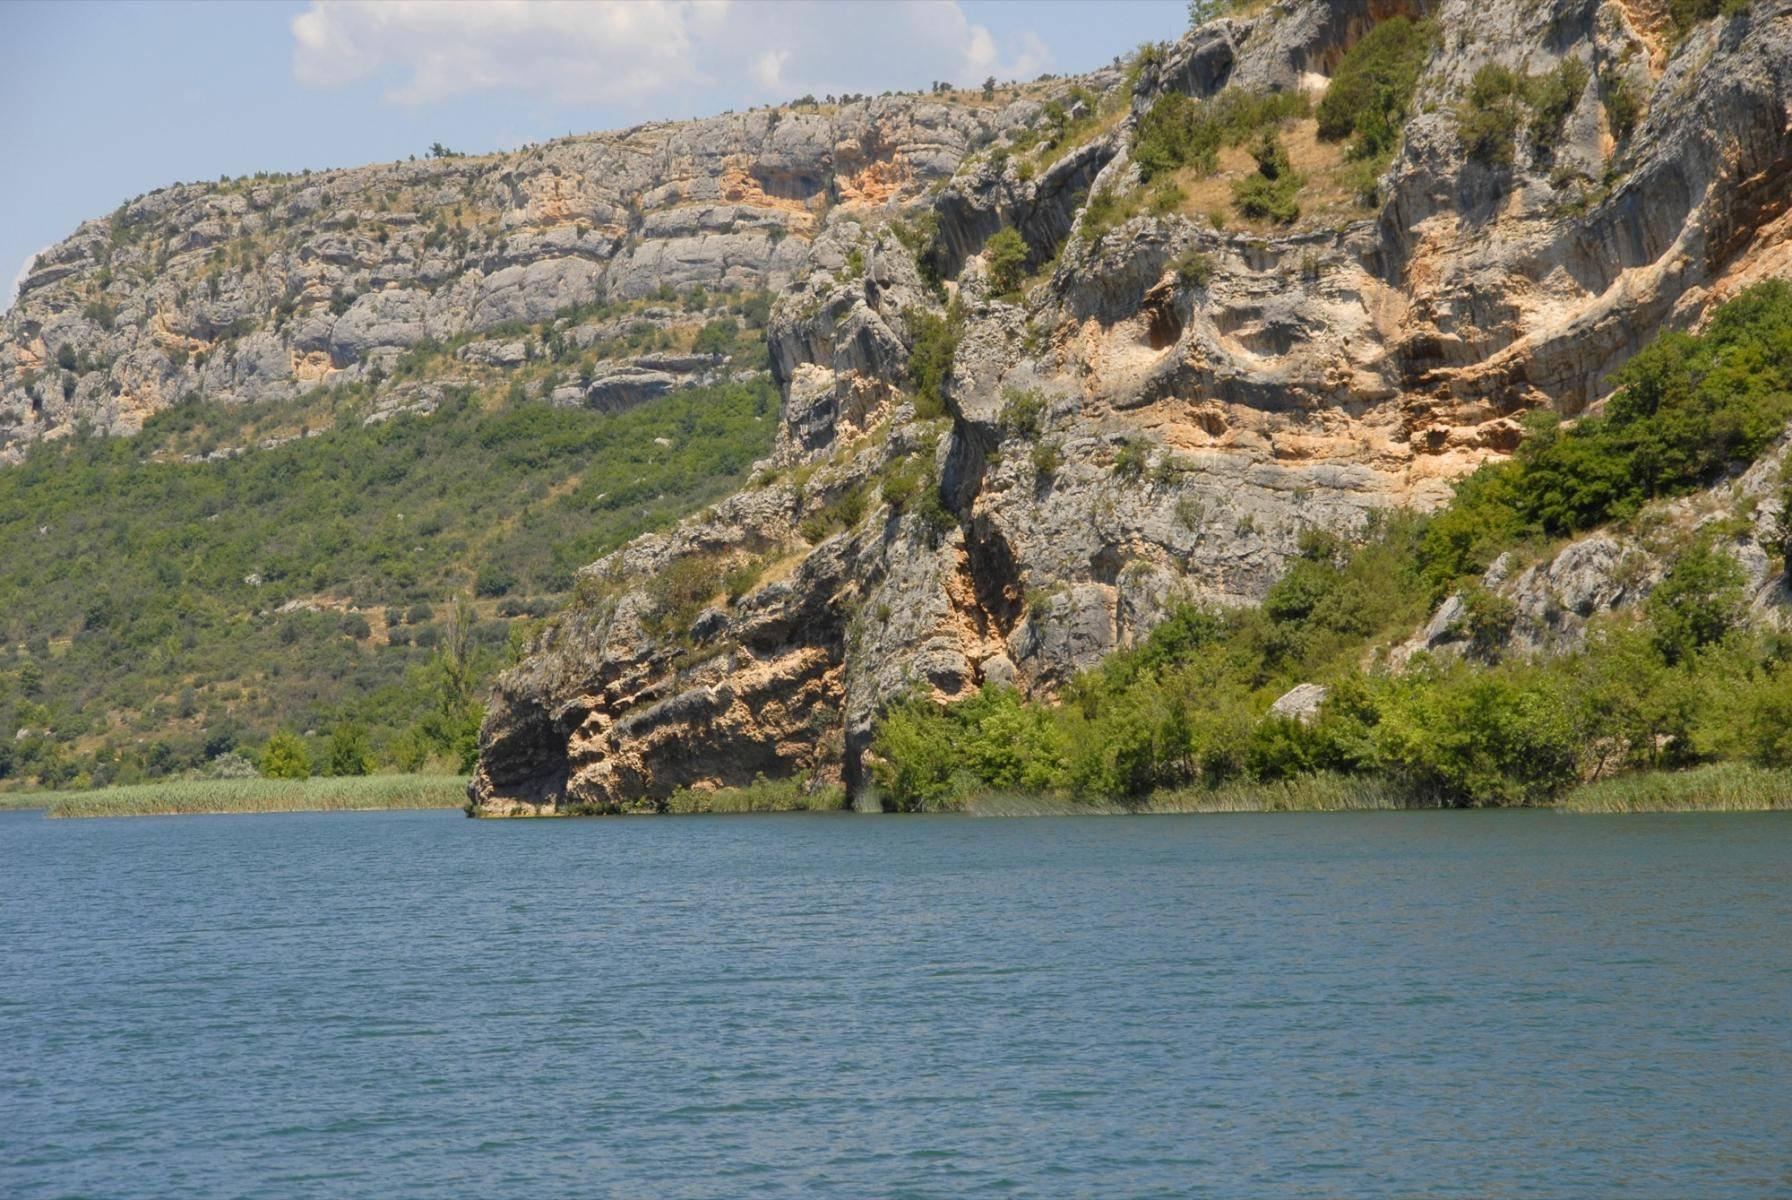 Flussschifffahrt auf der Krka